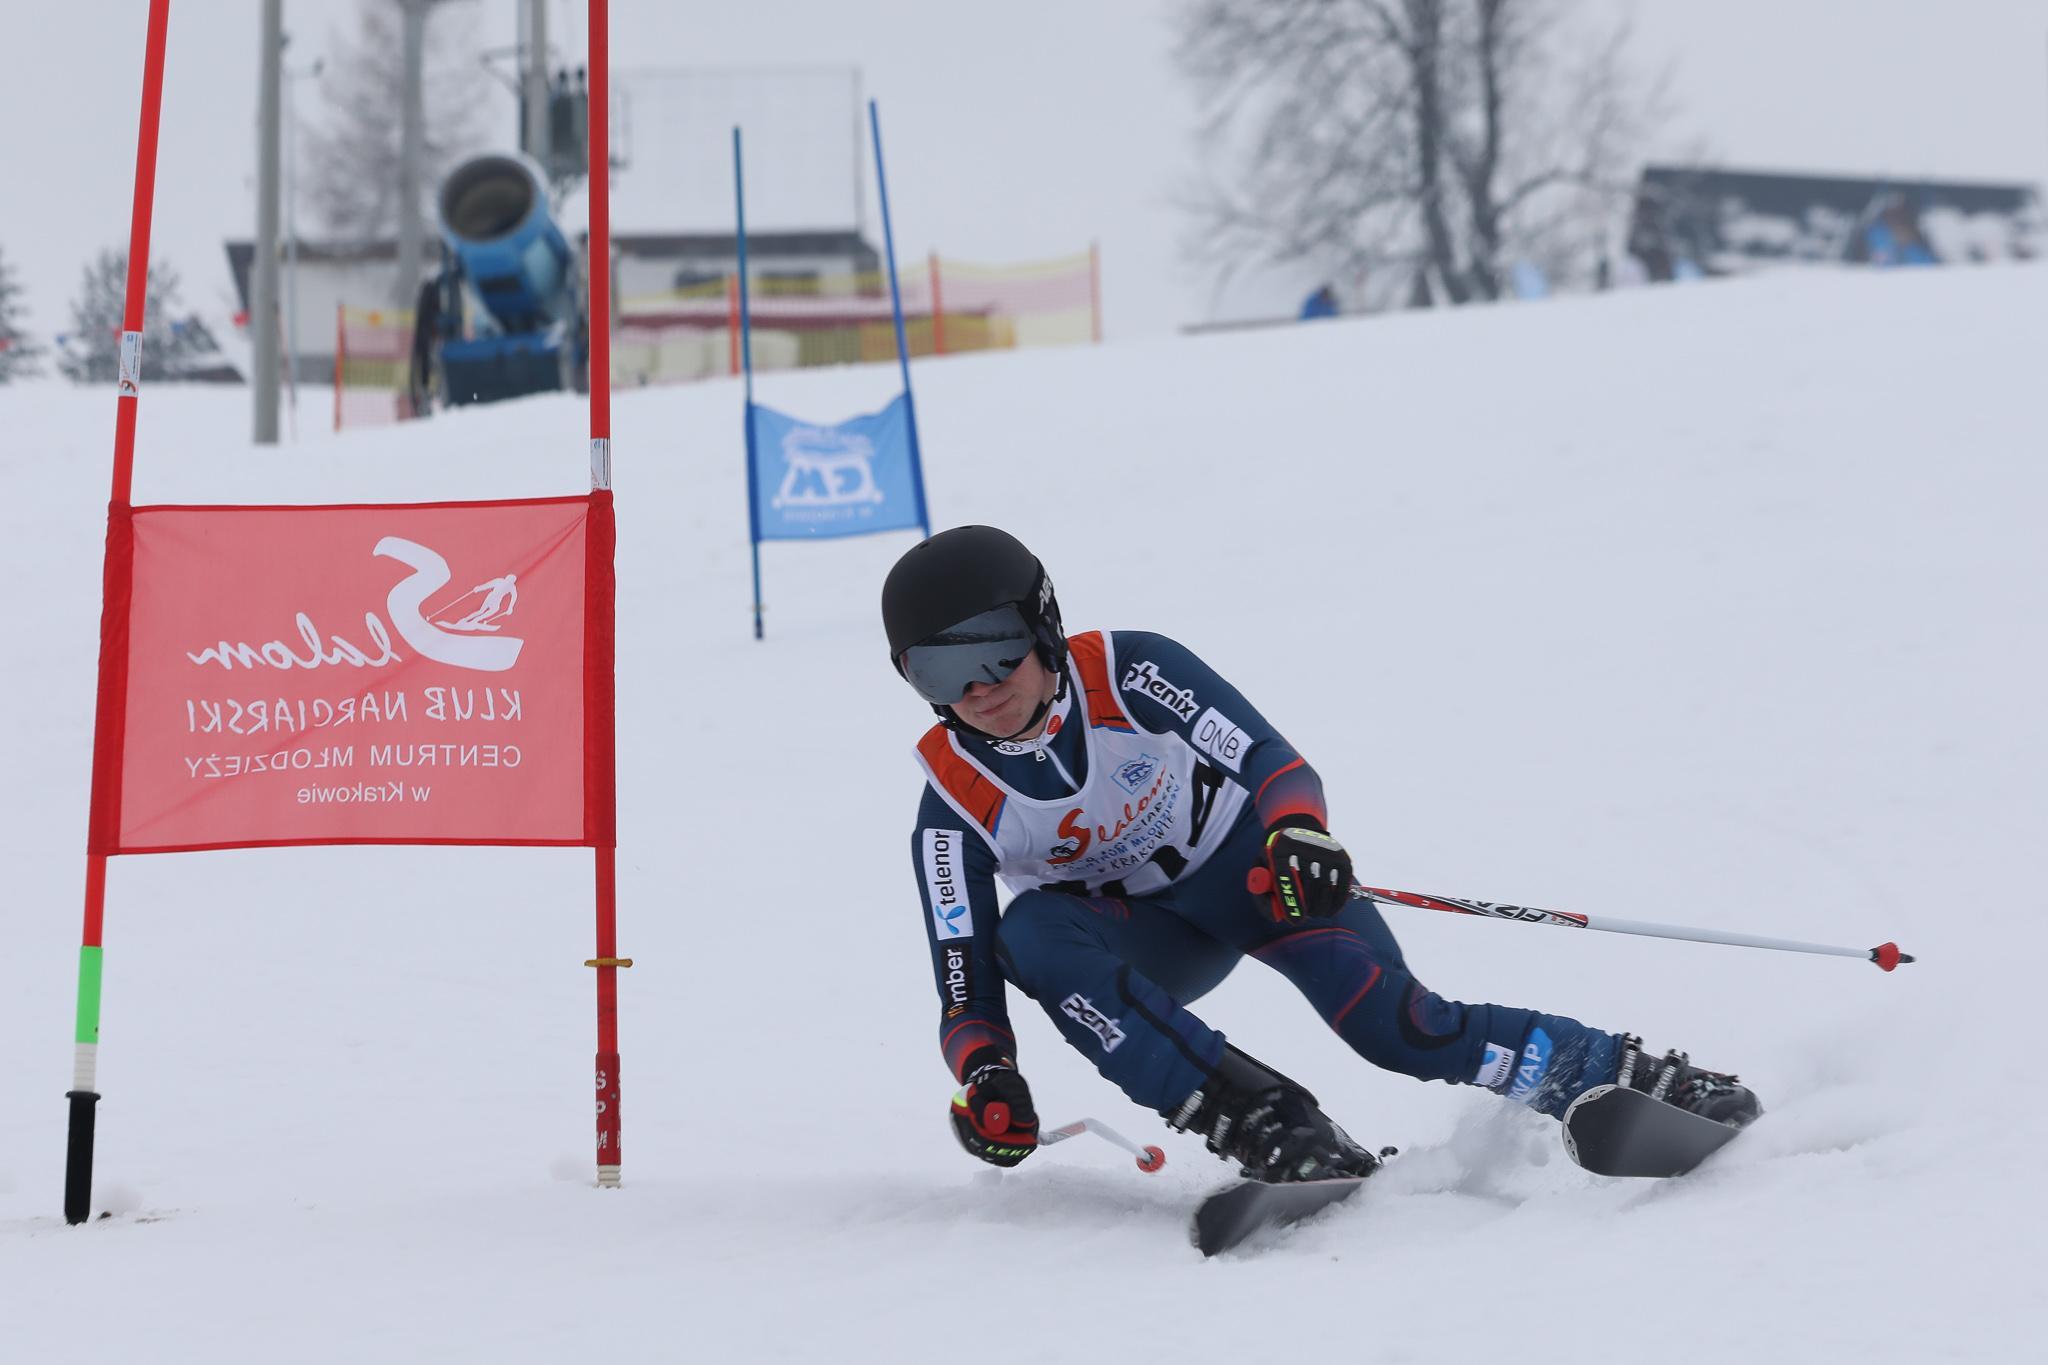 slalom2018v1